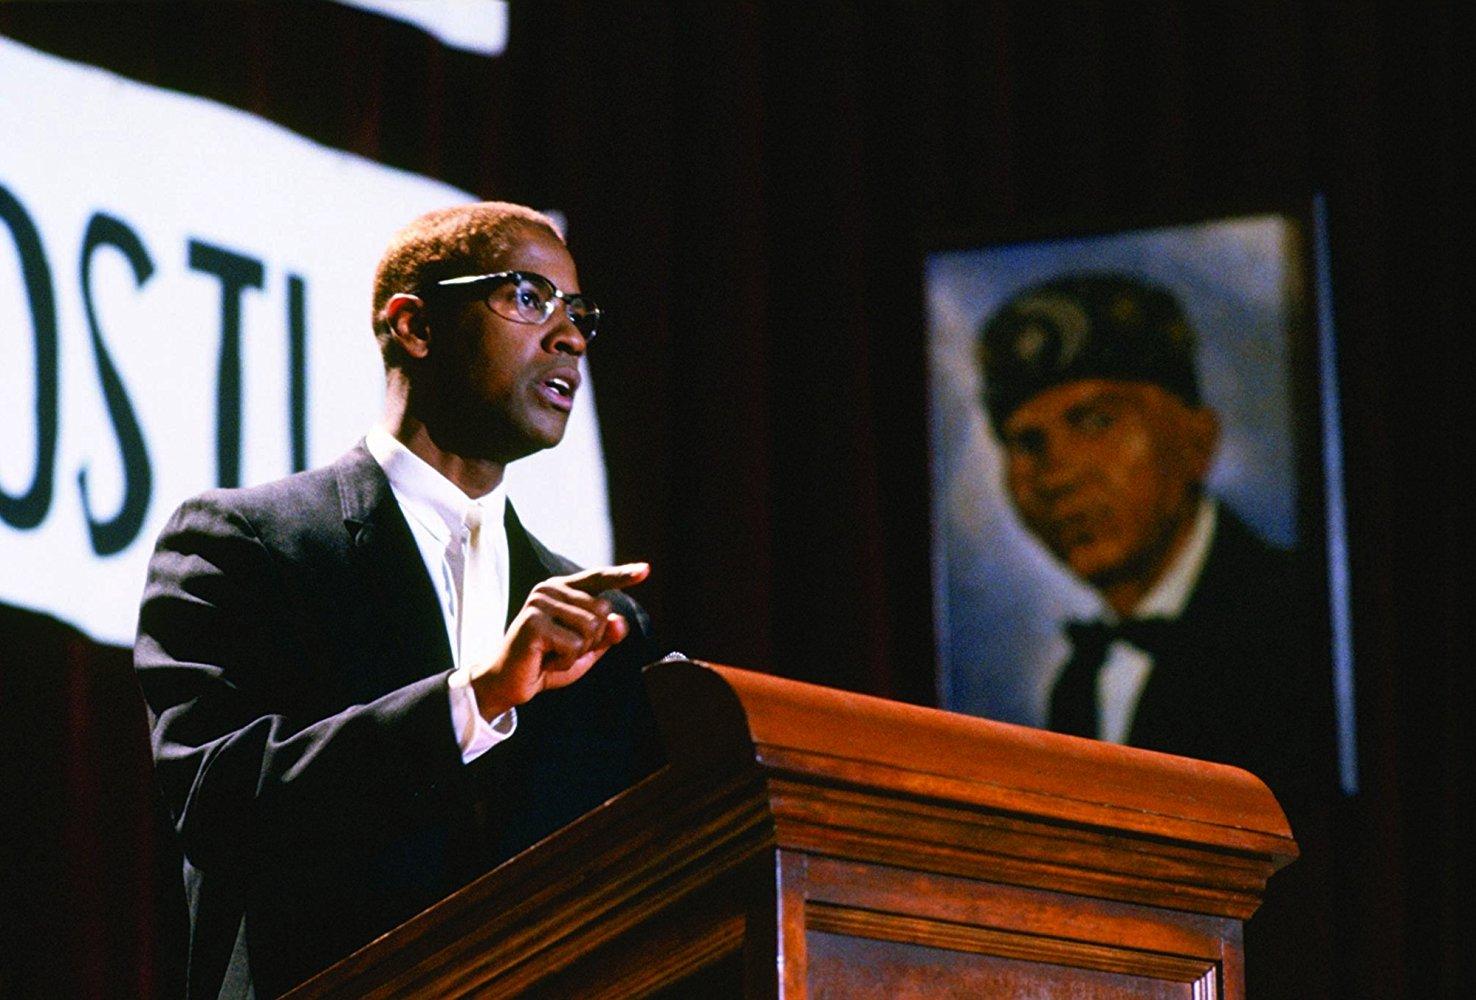 BET célèbre Malcolm X à travers la diffusion du film de Spike Lee